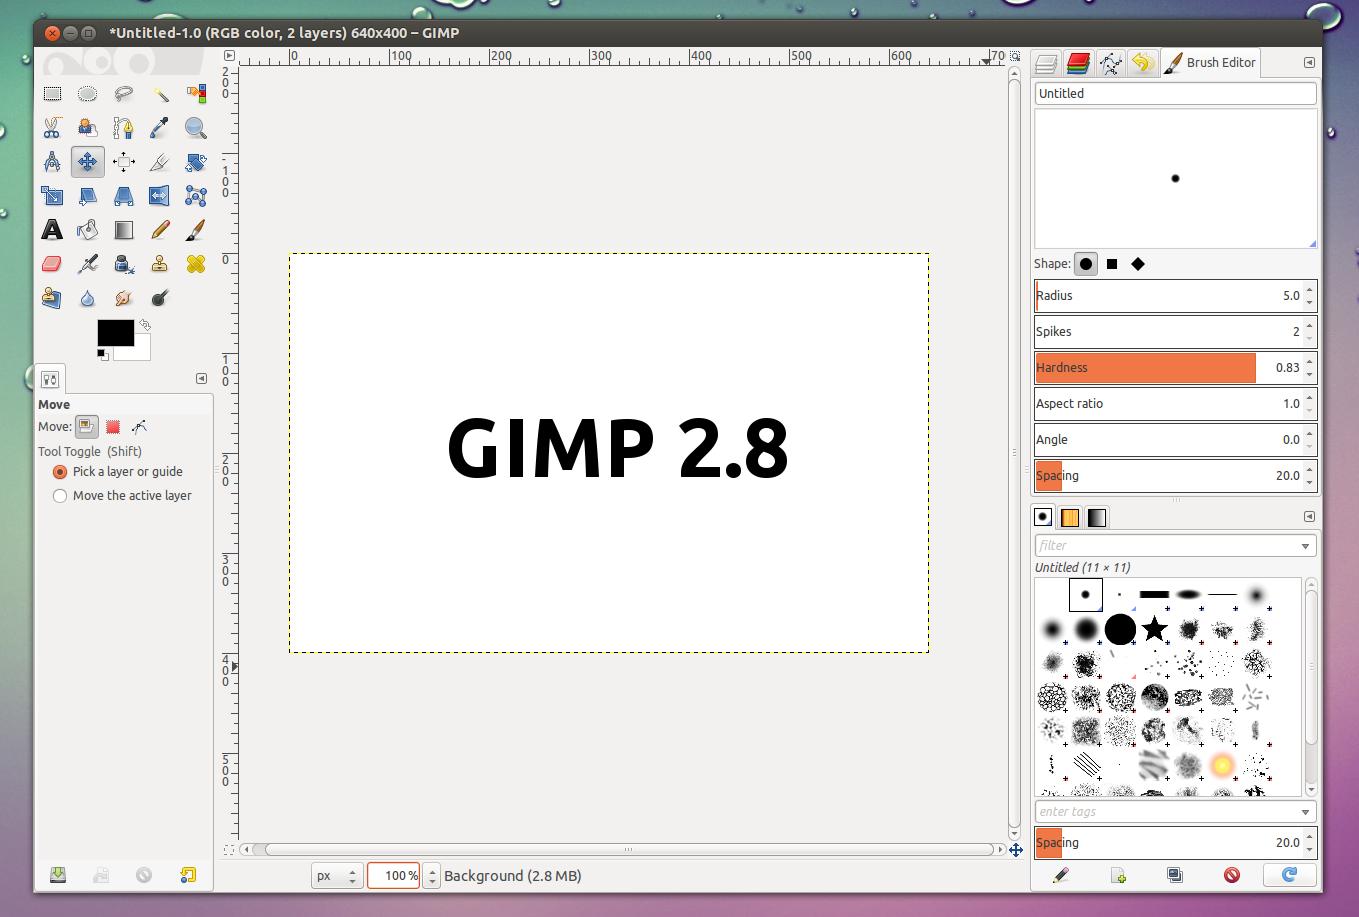 gimp 2 8 stable finally available for download web upd8 ubuntu linux blog. Black Bedroom Furniture Sets. Home Design Ideas